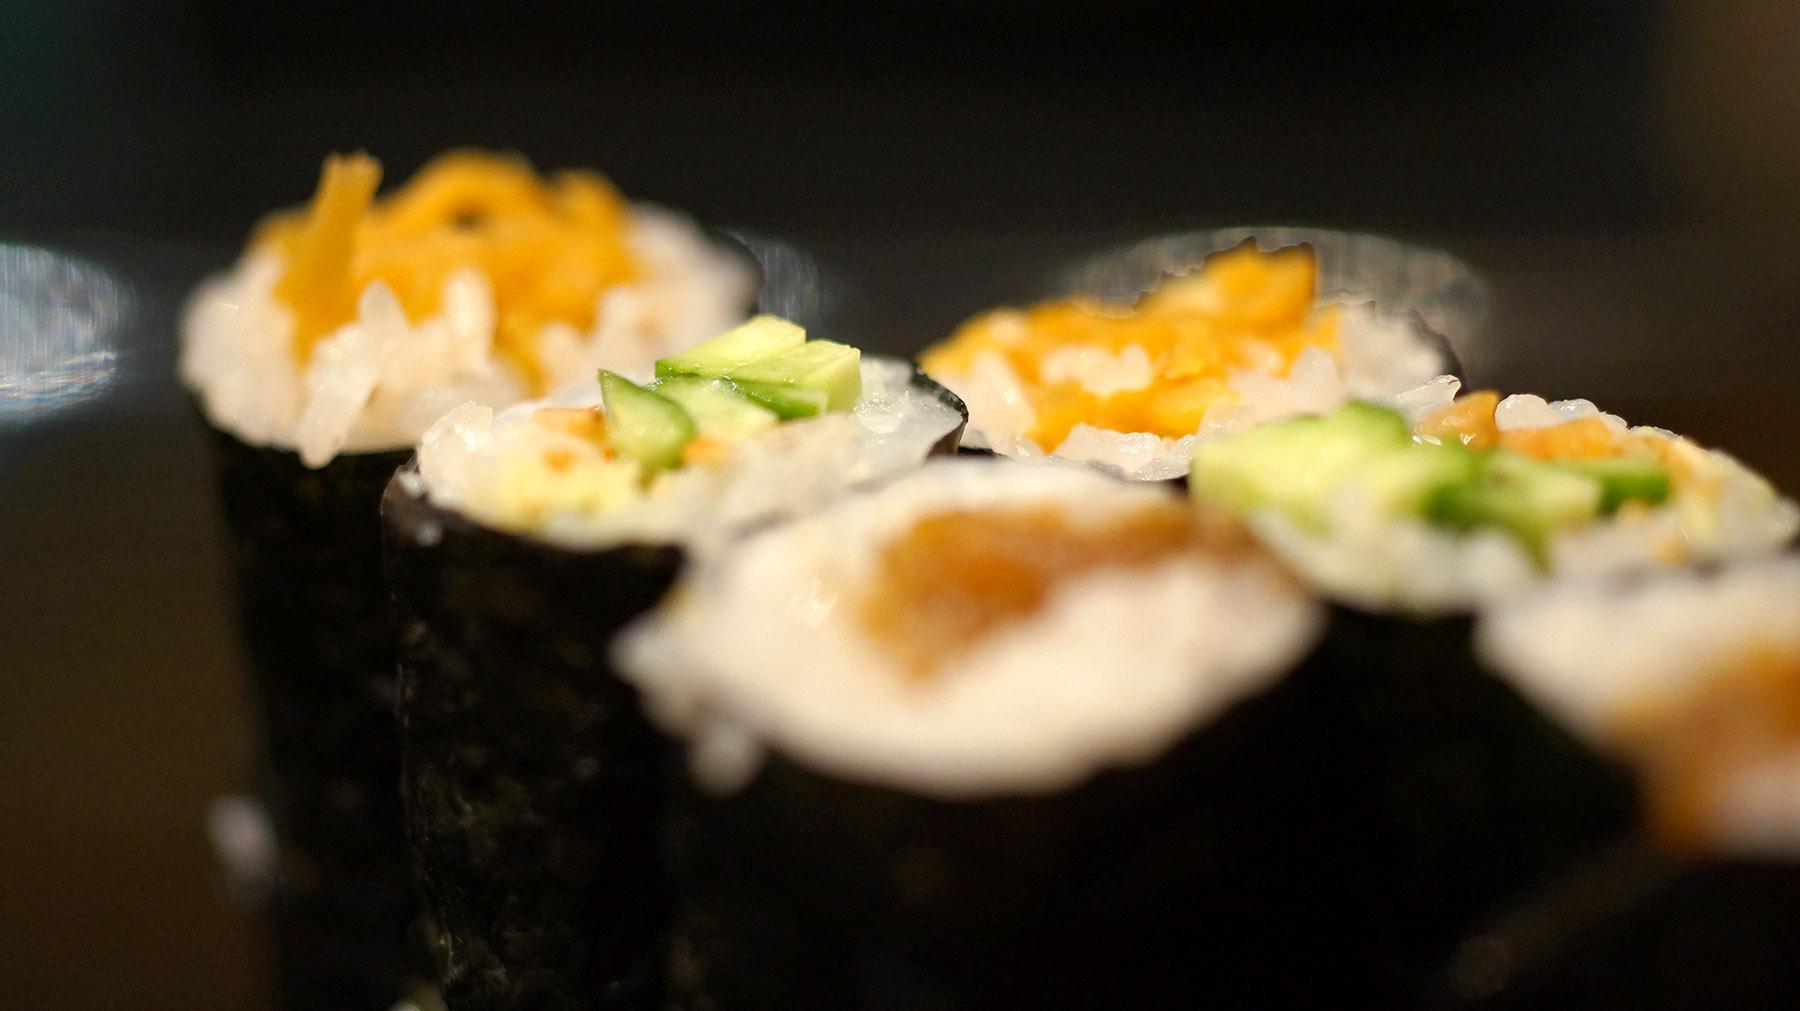 久兵衛 銀座 寿司の名店のお米の秘密! 銀座久兵衛のシャリはいかにして出来上がるのか?